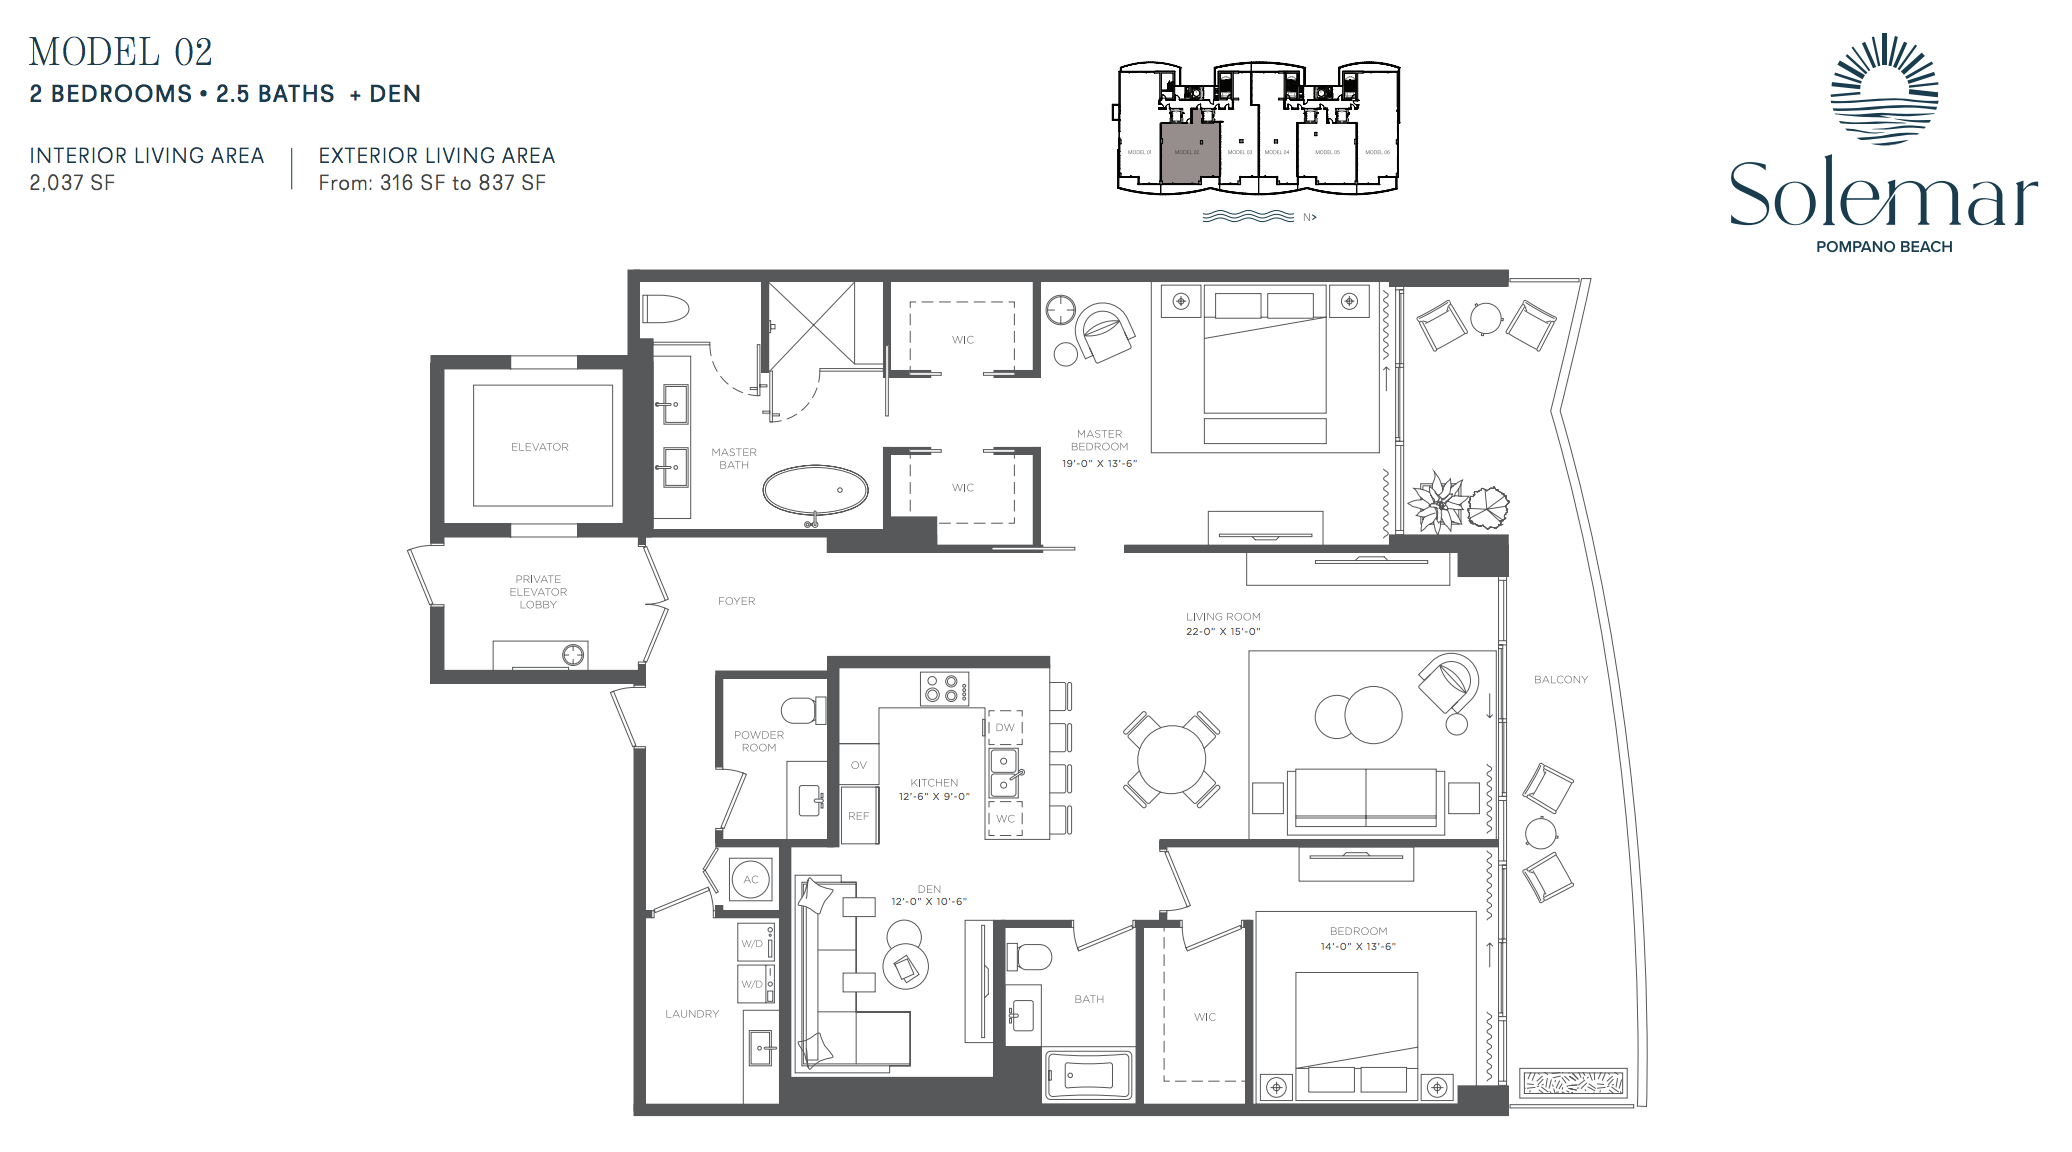 Solemar | Floor Plan 02 | 2 Be + Den | 2,5 Ba